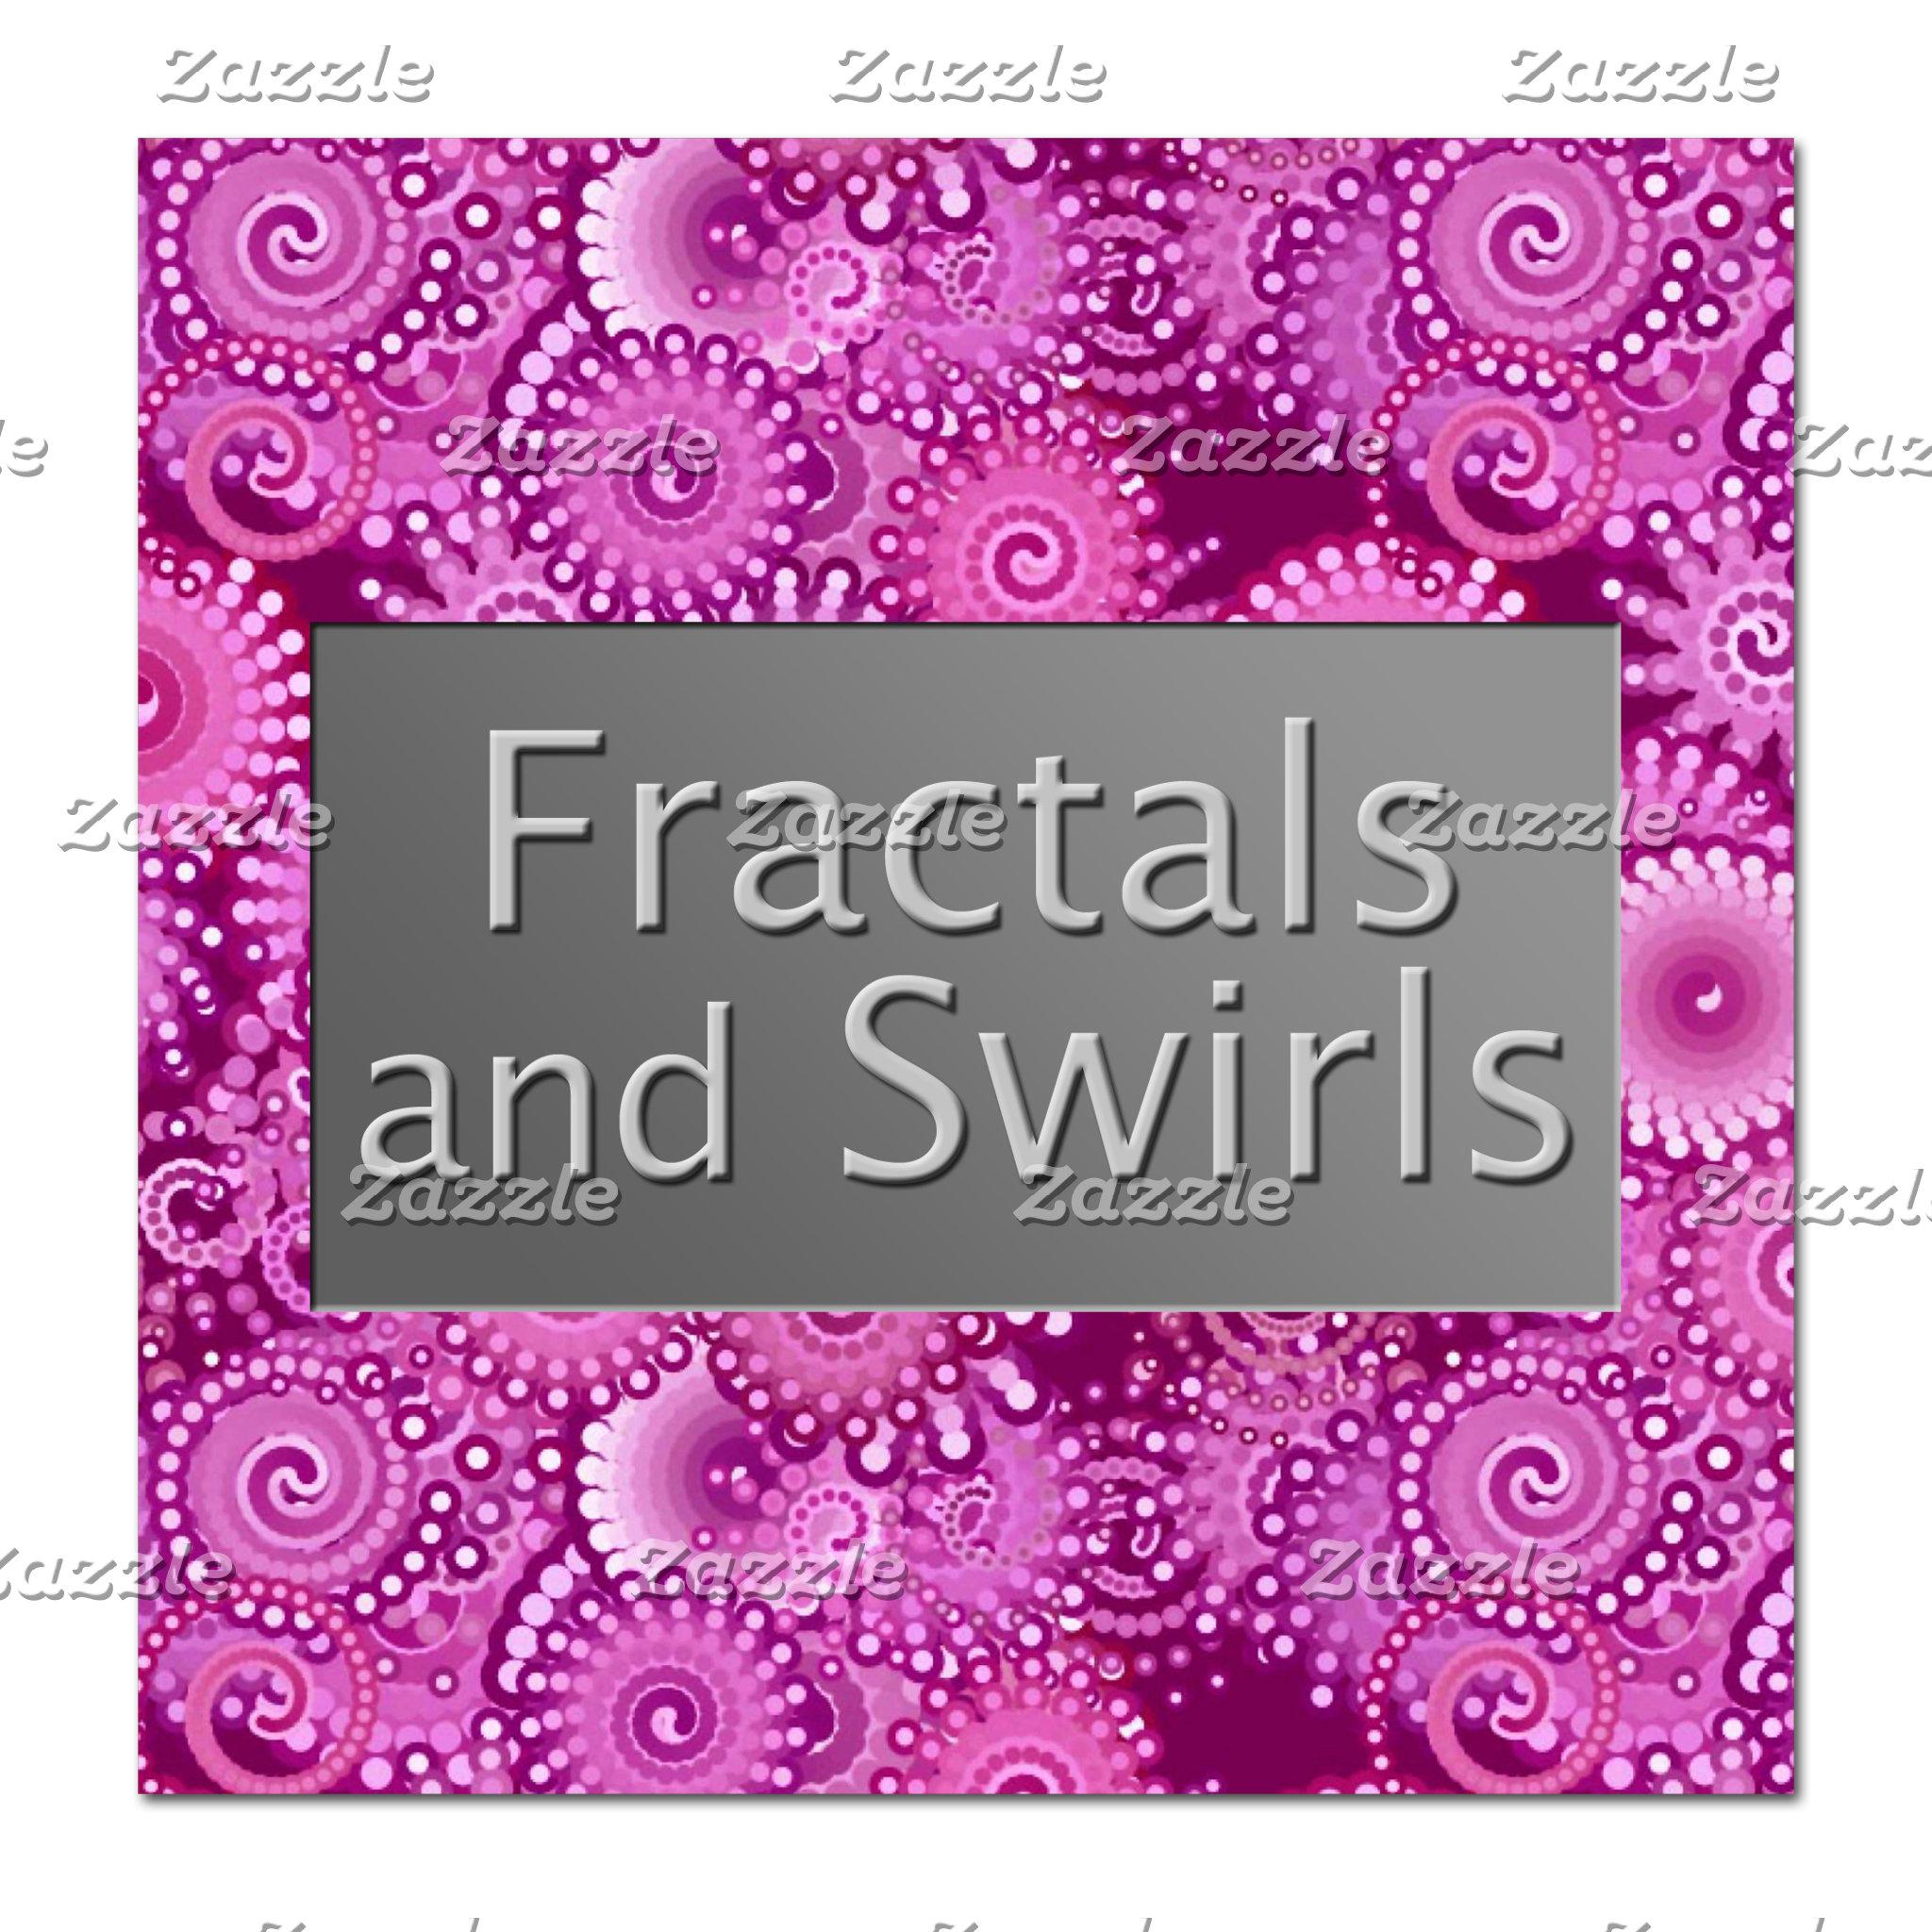 Fractals and Swirls